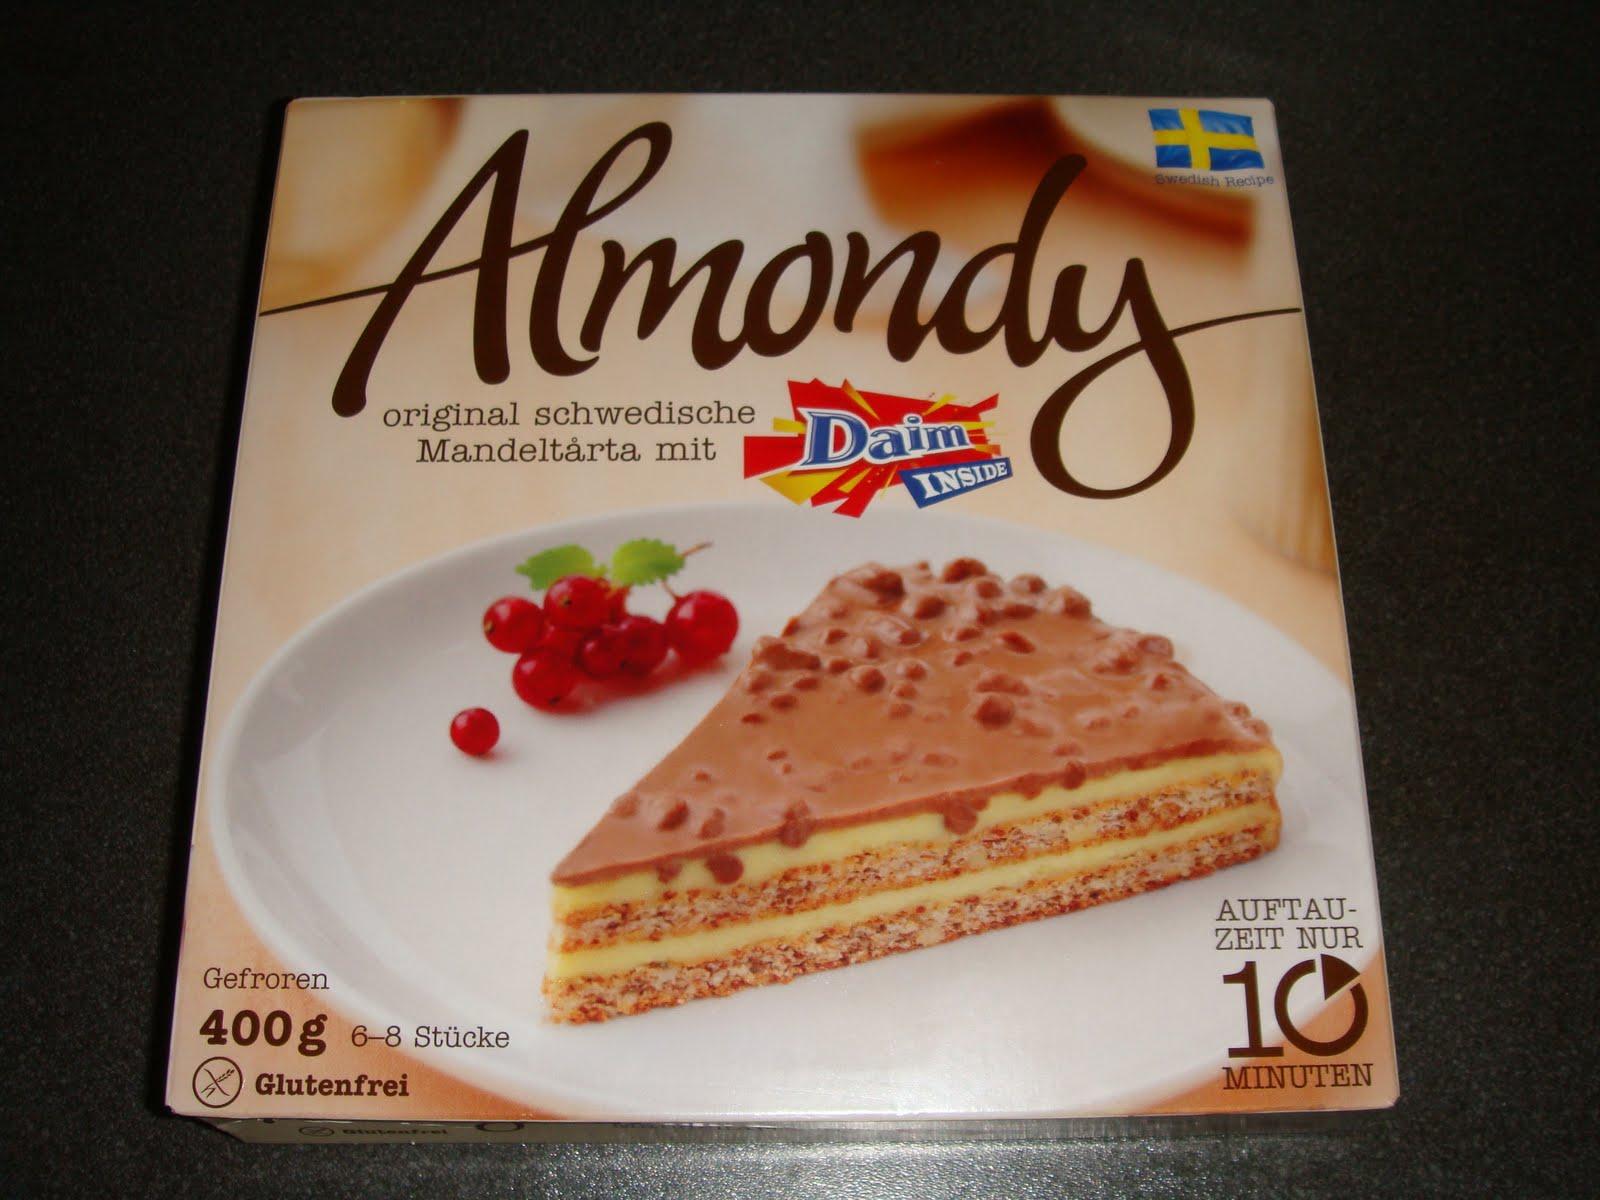 In a nutshell.: Ikea's Almondy Daim Cake